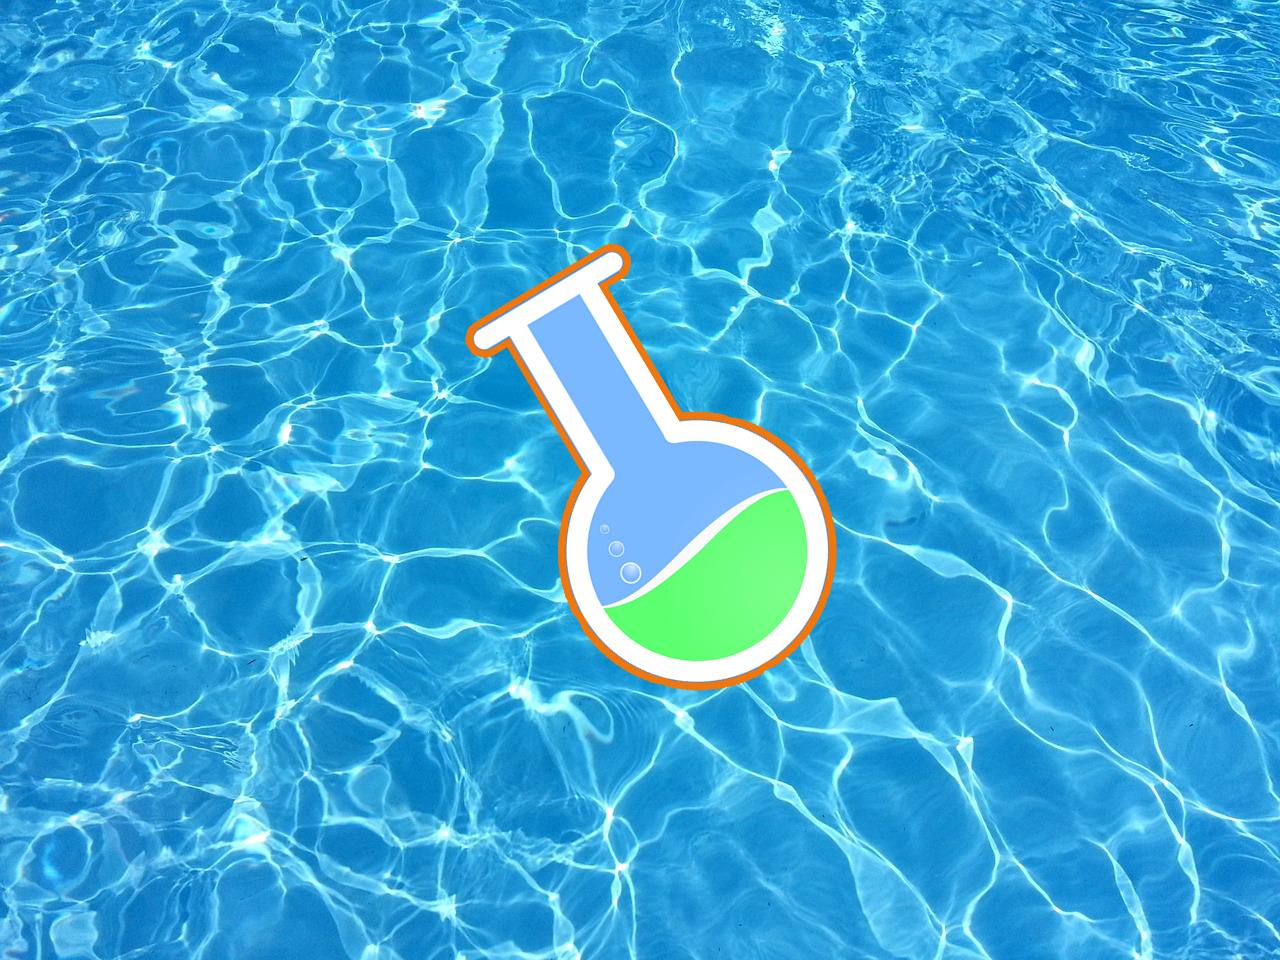 trattare l'acqua della piscina